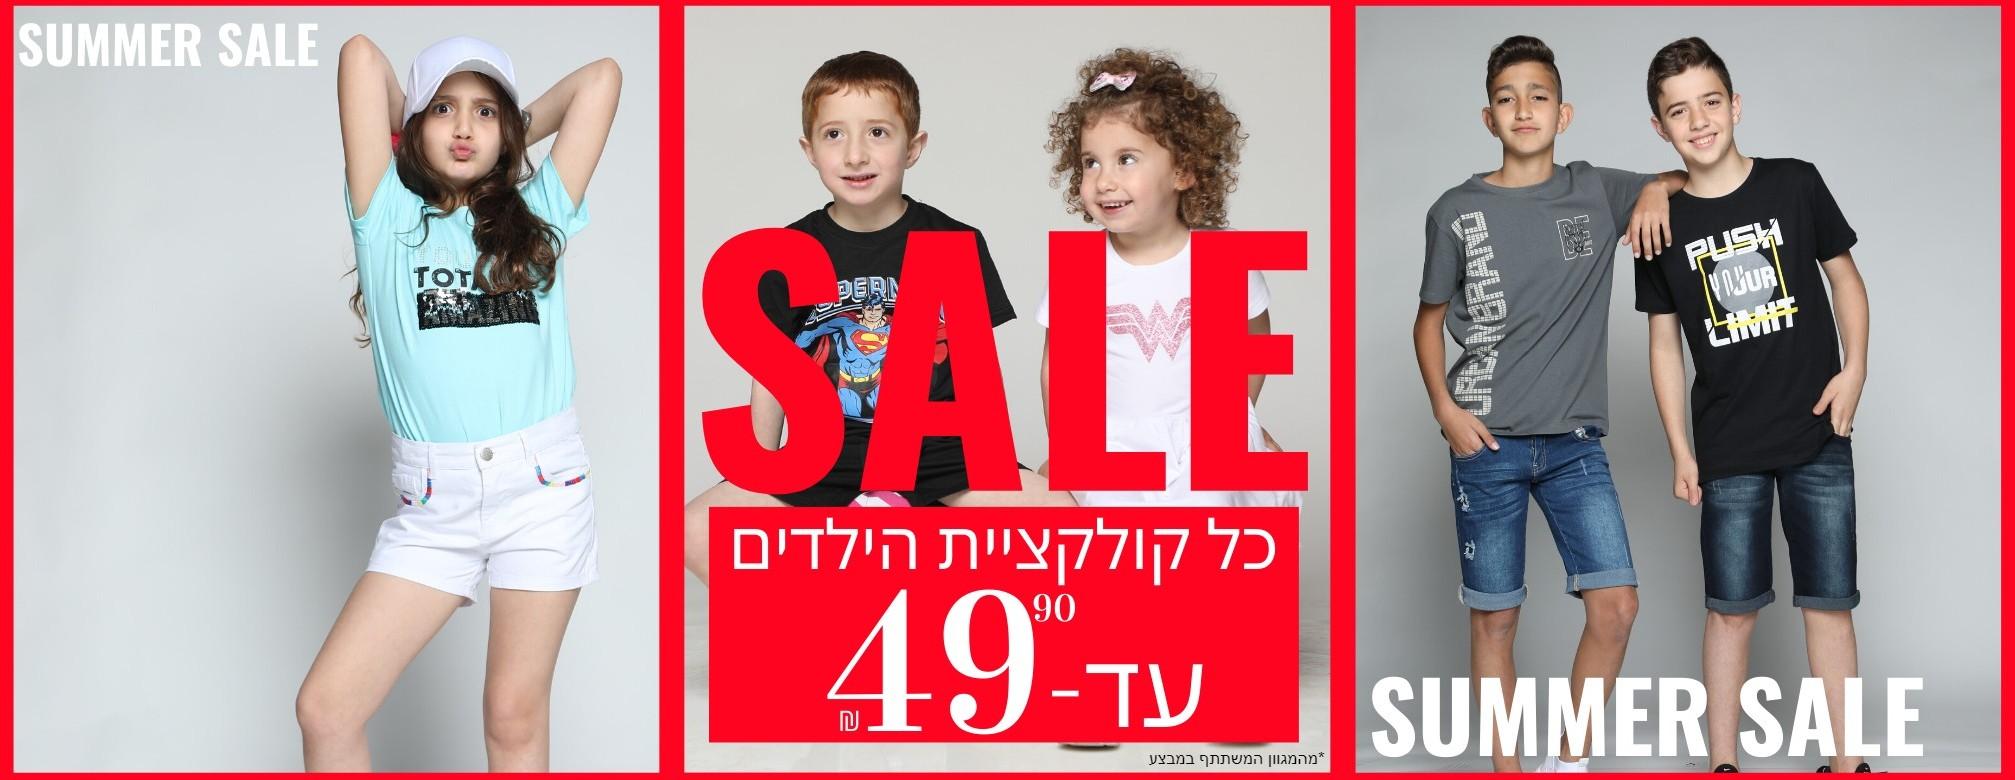 הלבשה תחתונה לילדים - גרין מחסני אופנה